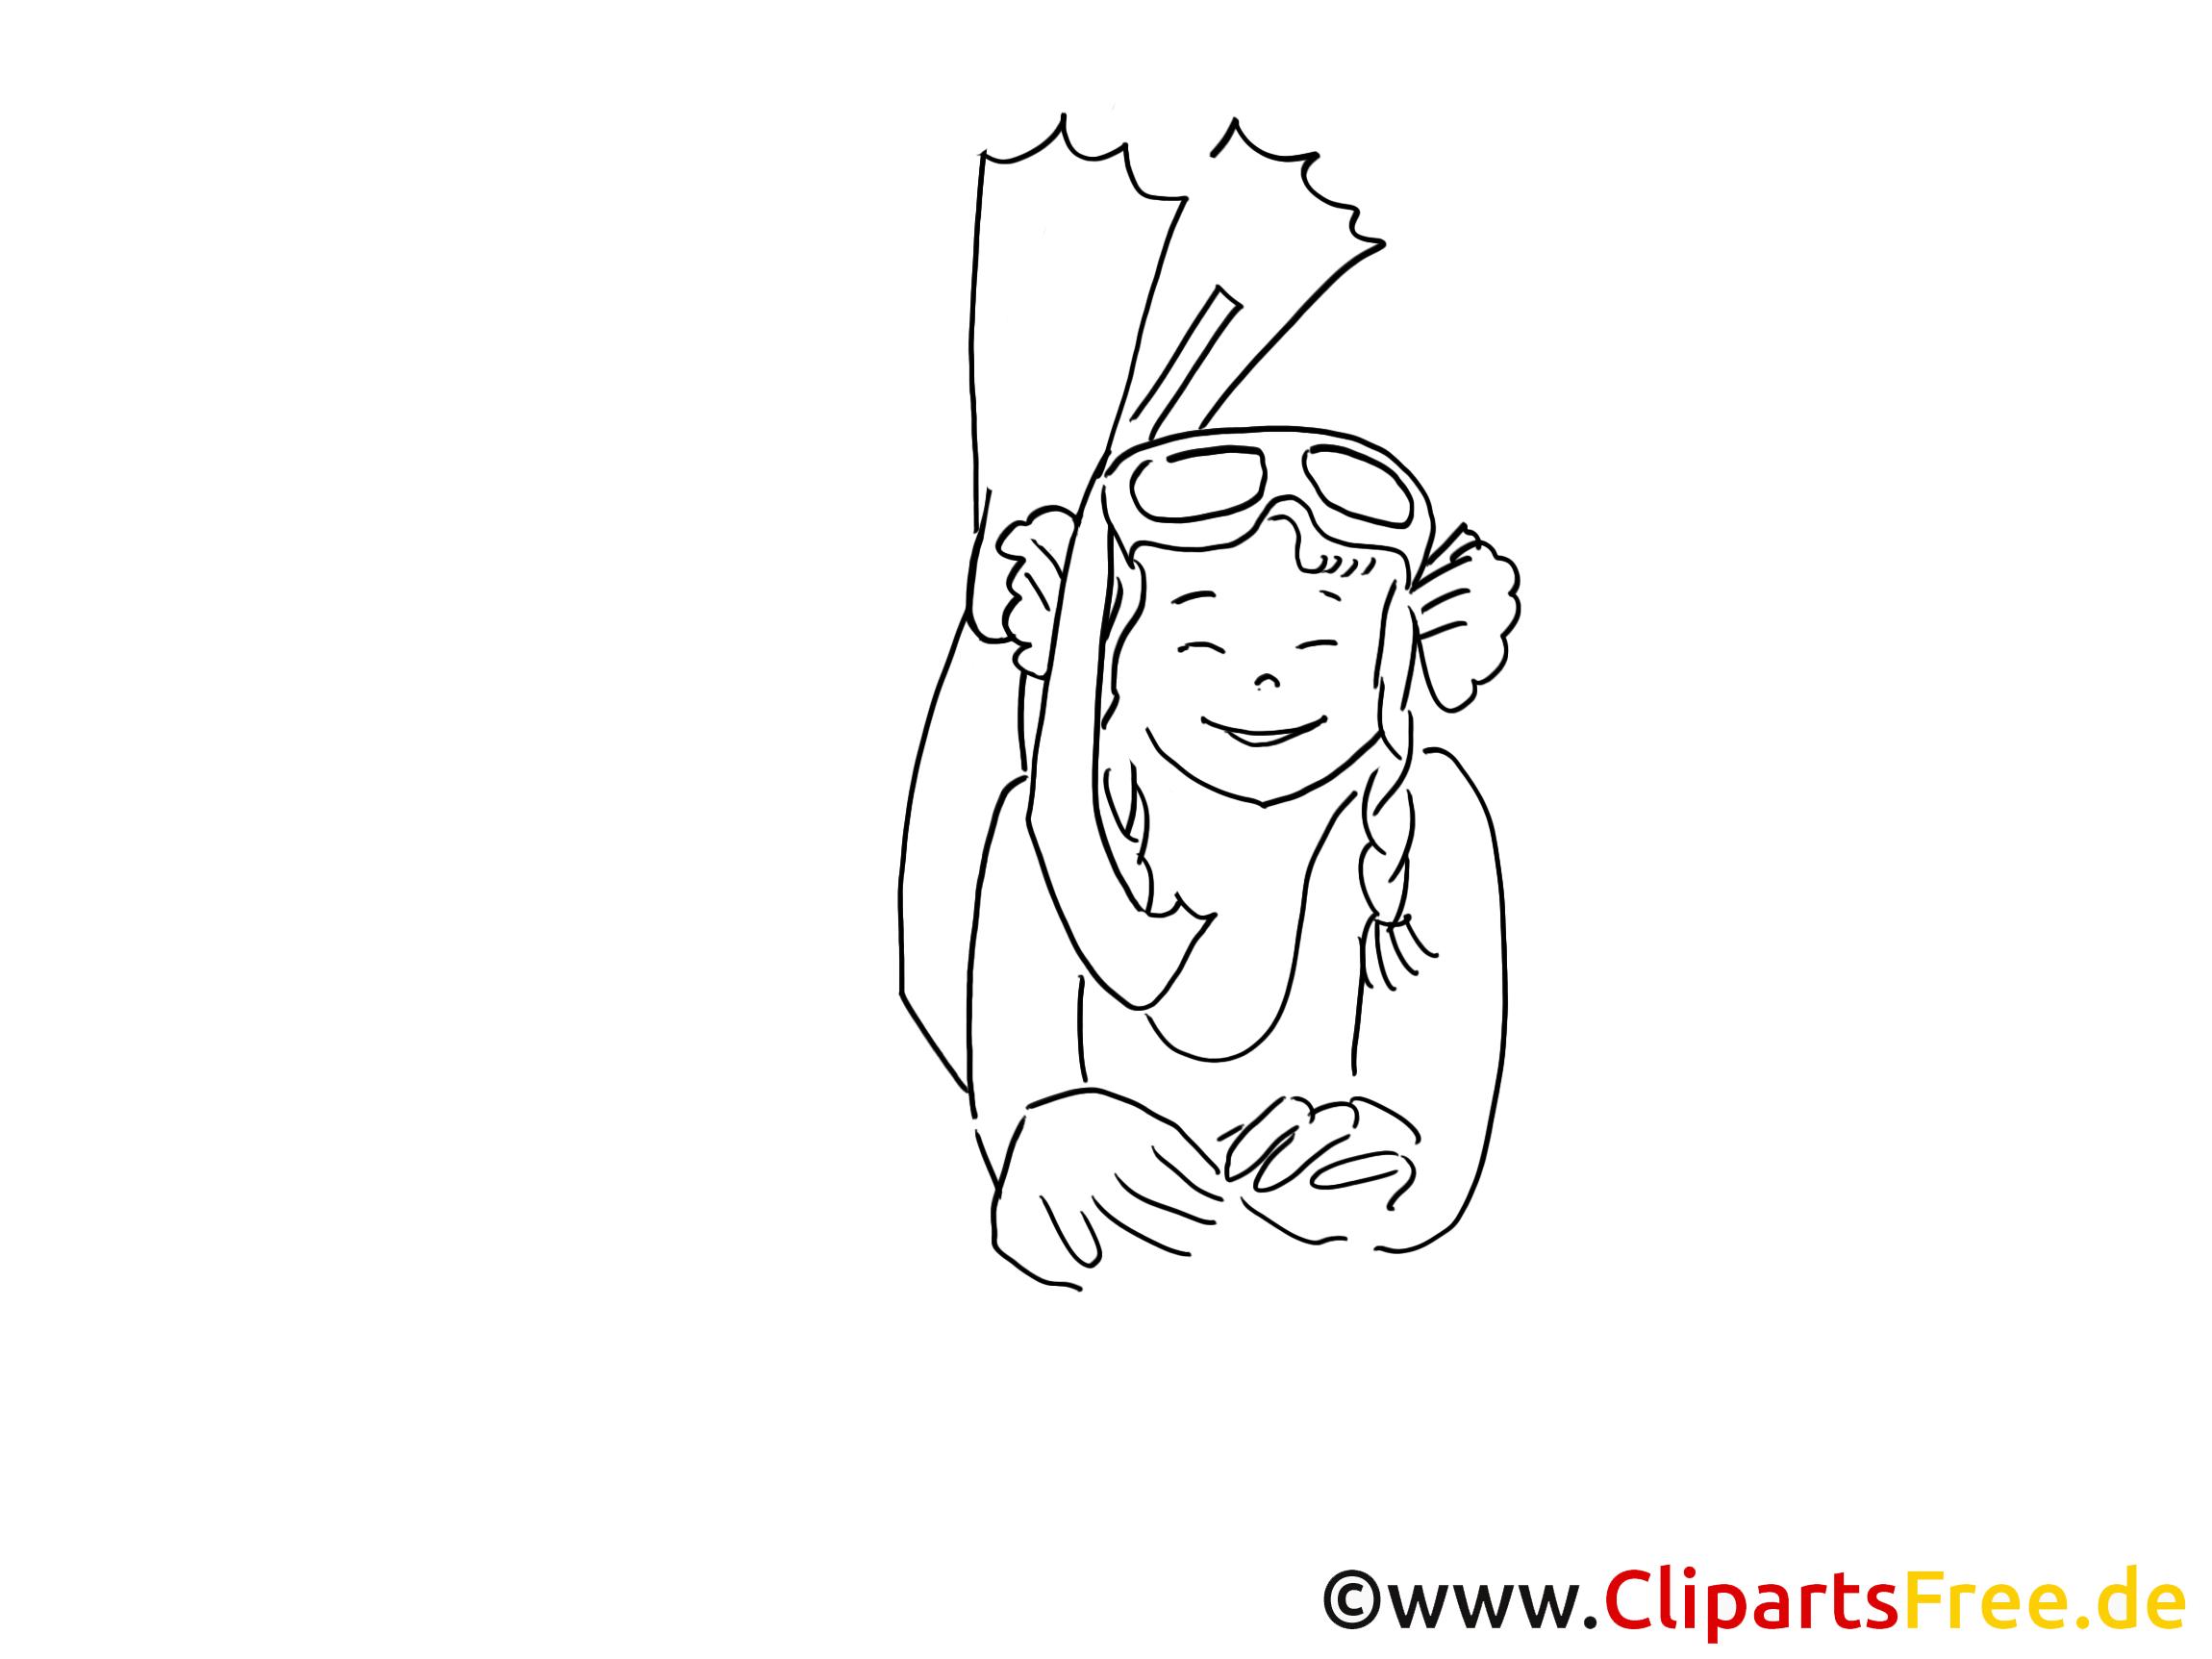 Taucher Bild schwarz-weiss, Grafik, Zeichnung, Comic, Cartoon gratis (9)